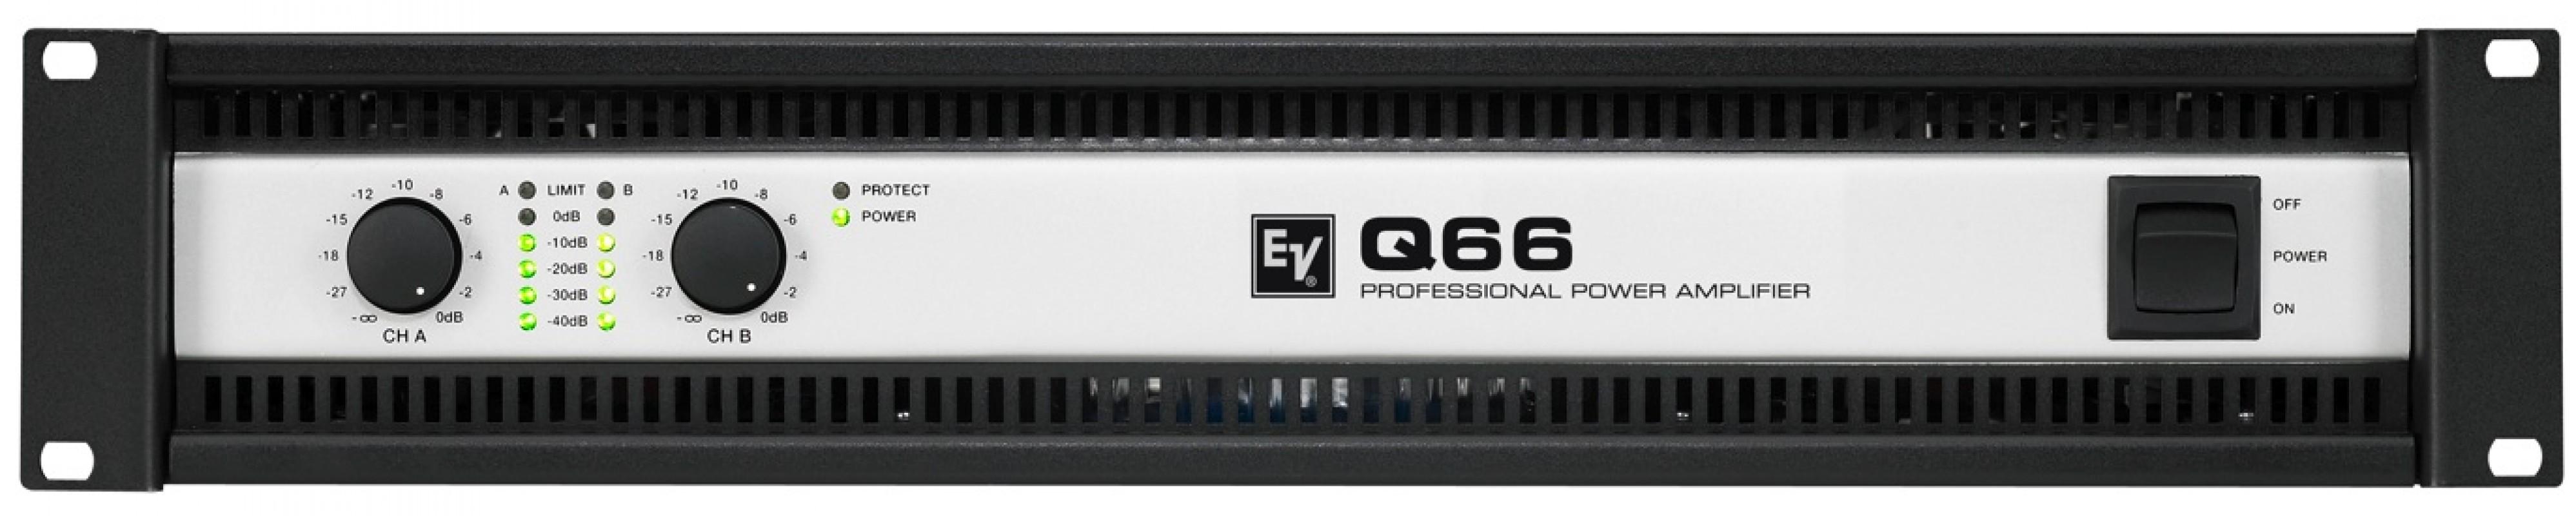 Electro Voice Q66